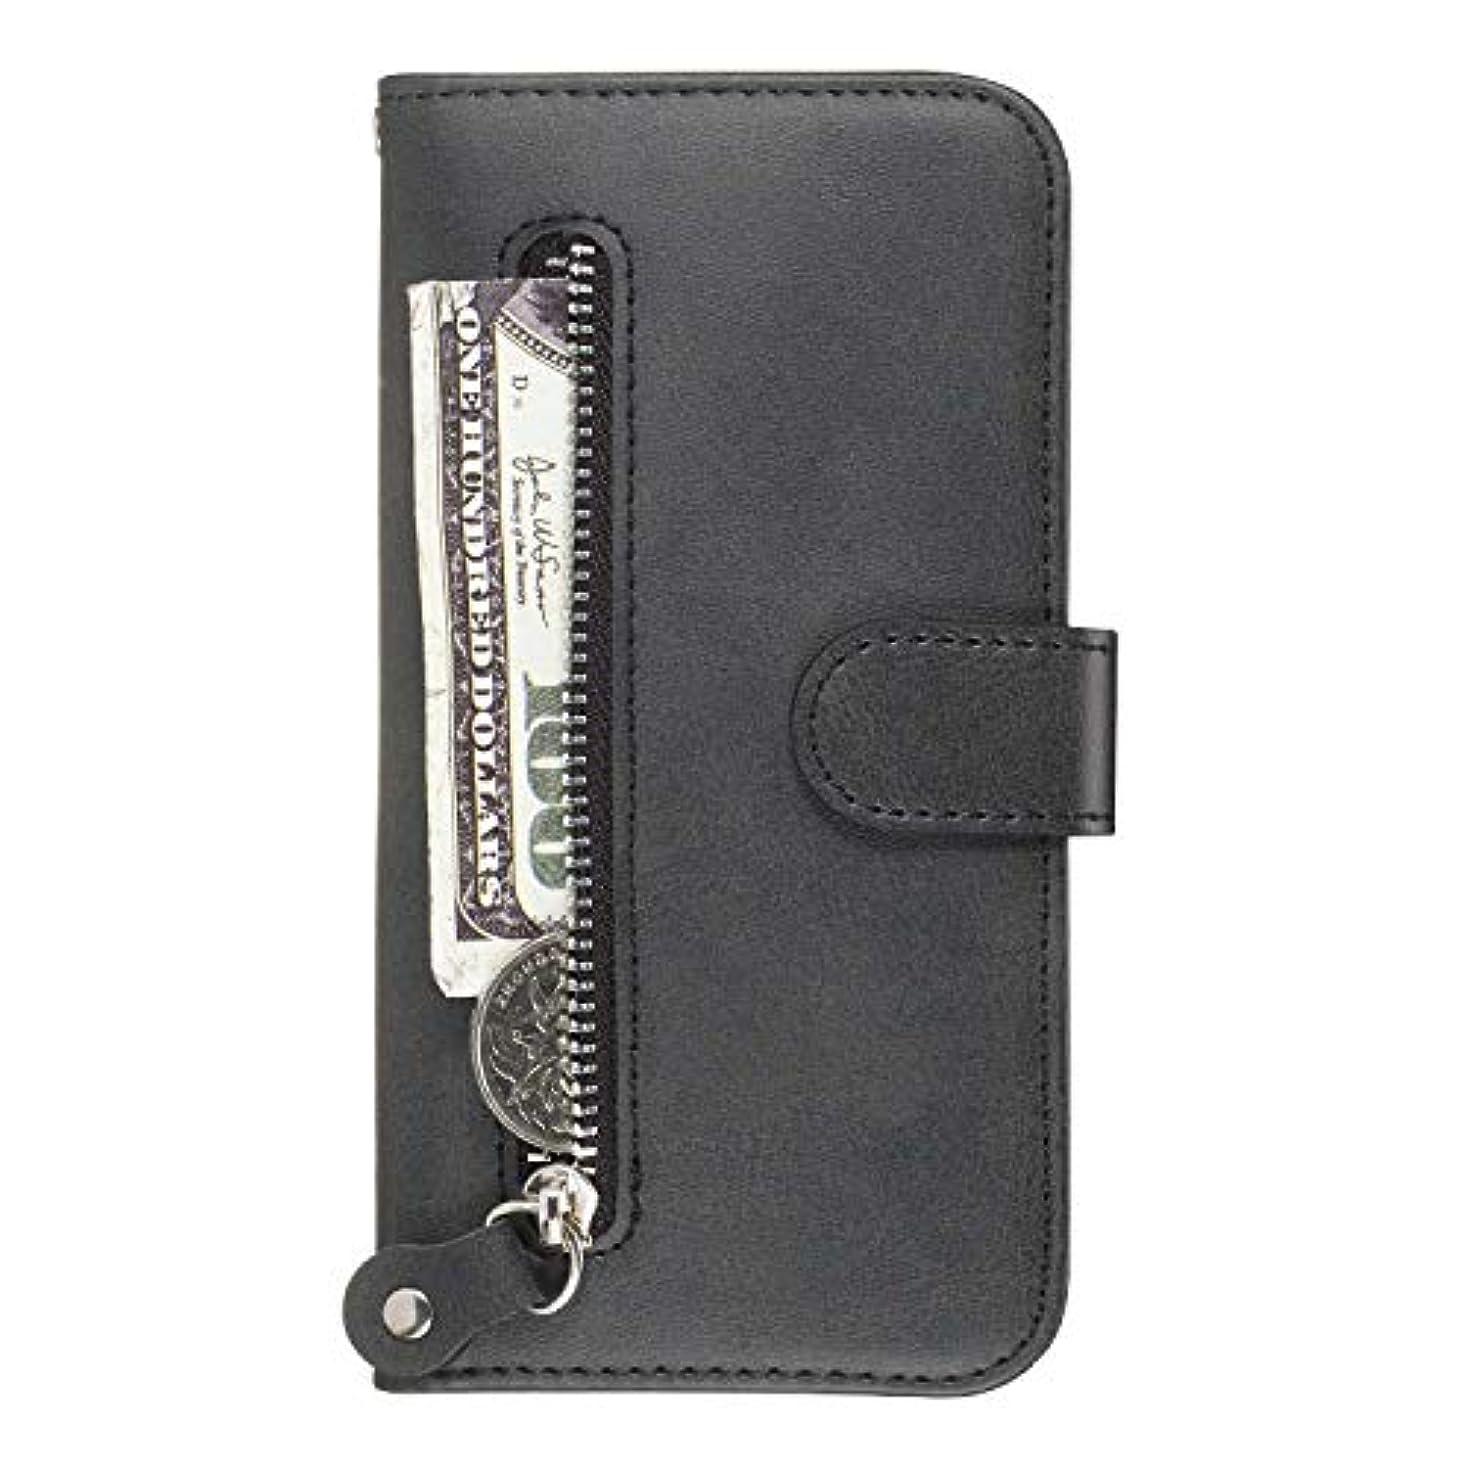 タイプ持ってる長々とOMATENTI iPhone X/iPhone XS ケース, 軽量 PUレザー 薄型 簡約風 人気カバー バックケース iPhone X/iPhone XS 用 Case Cover, 液晶保護 カード収納, 財布と...